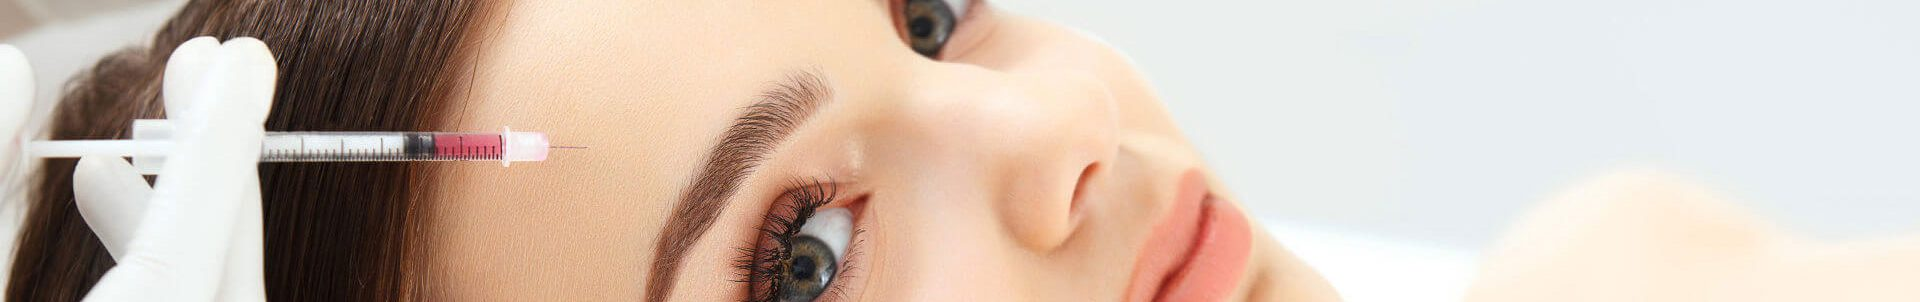 The face surgery - Chirurgia Estetica